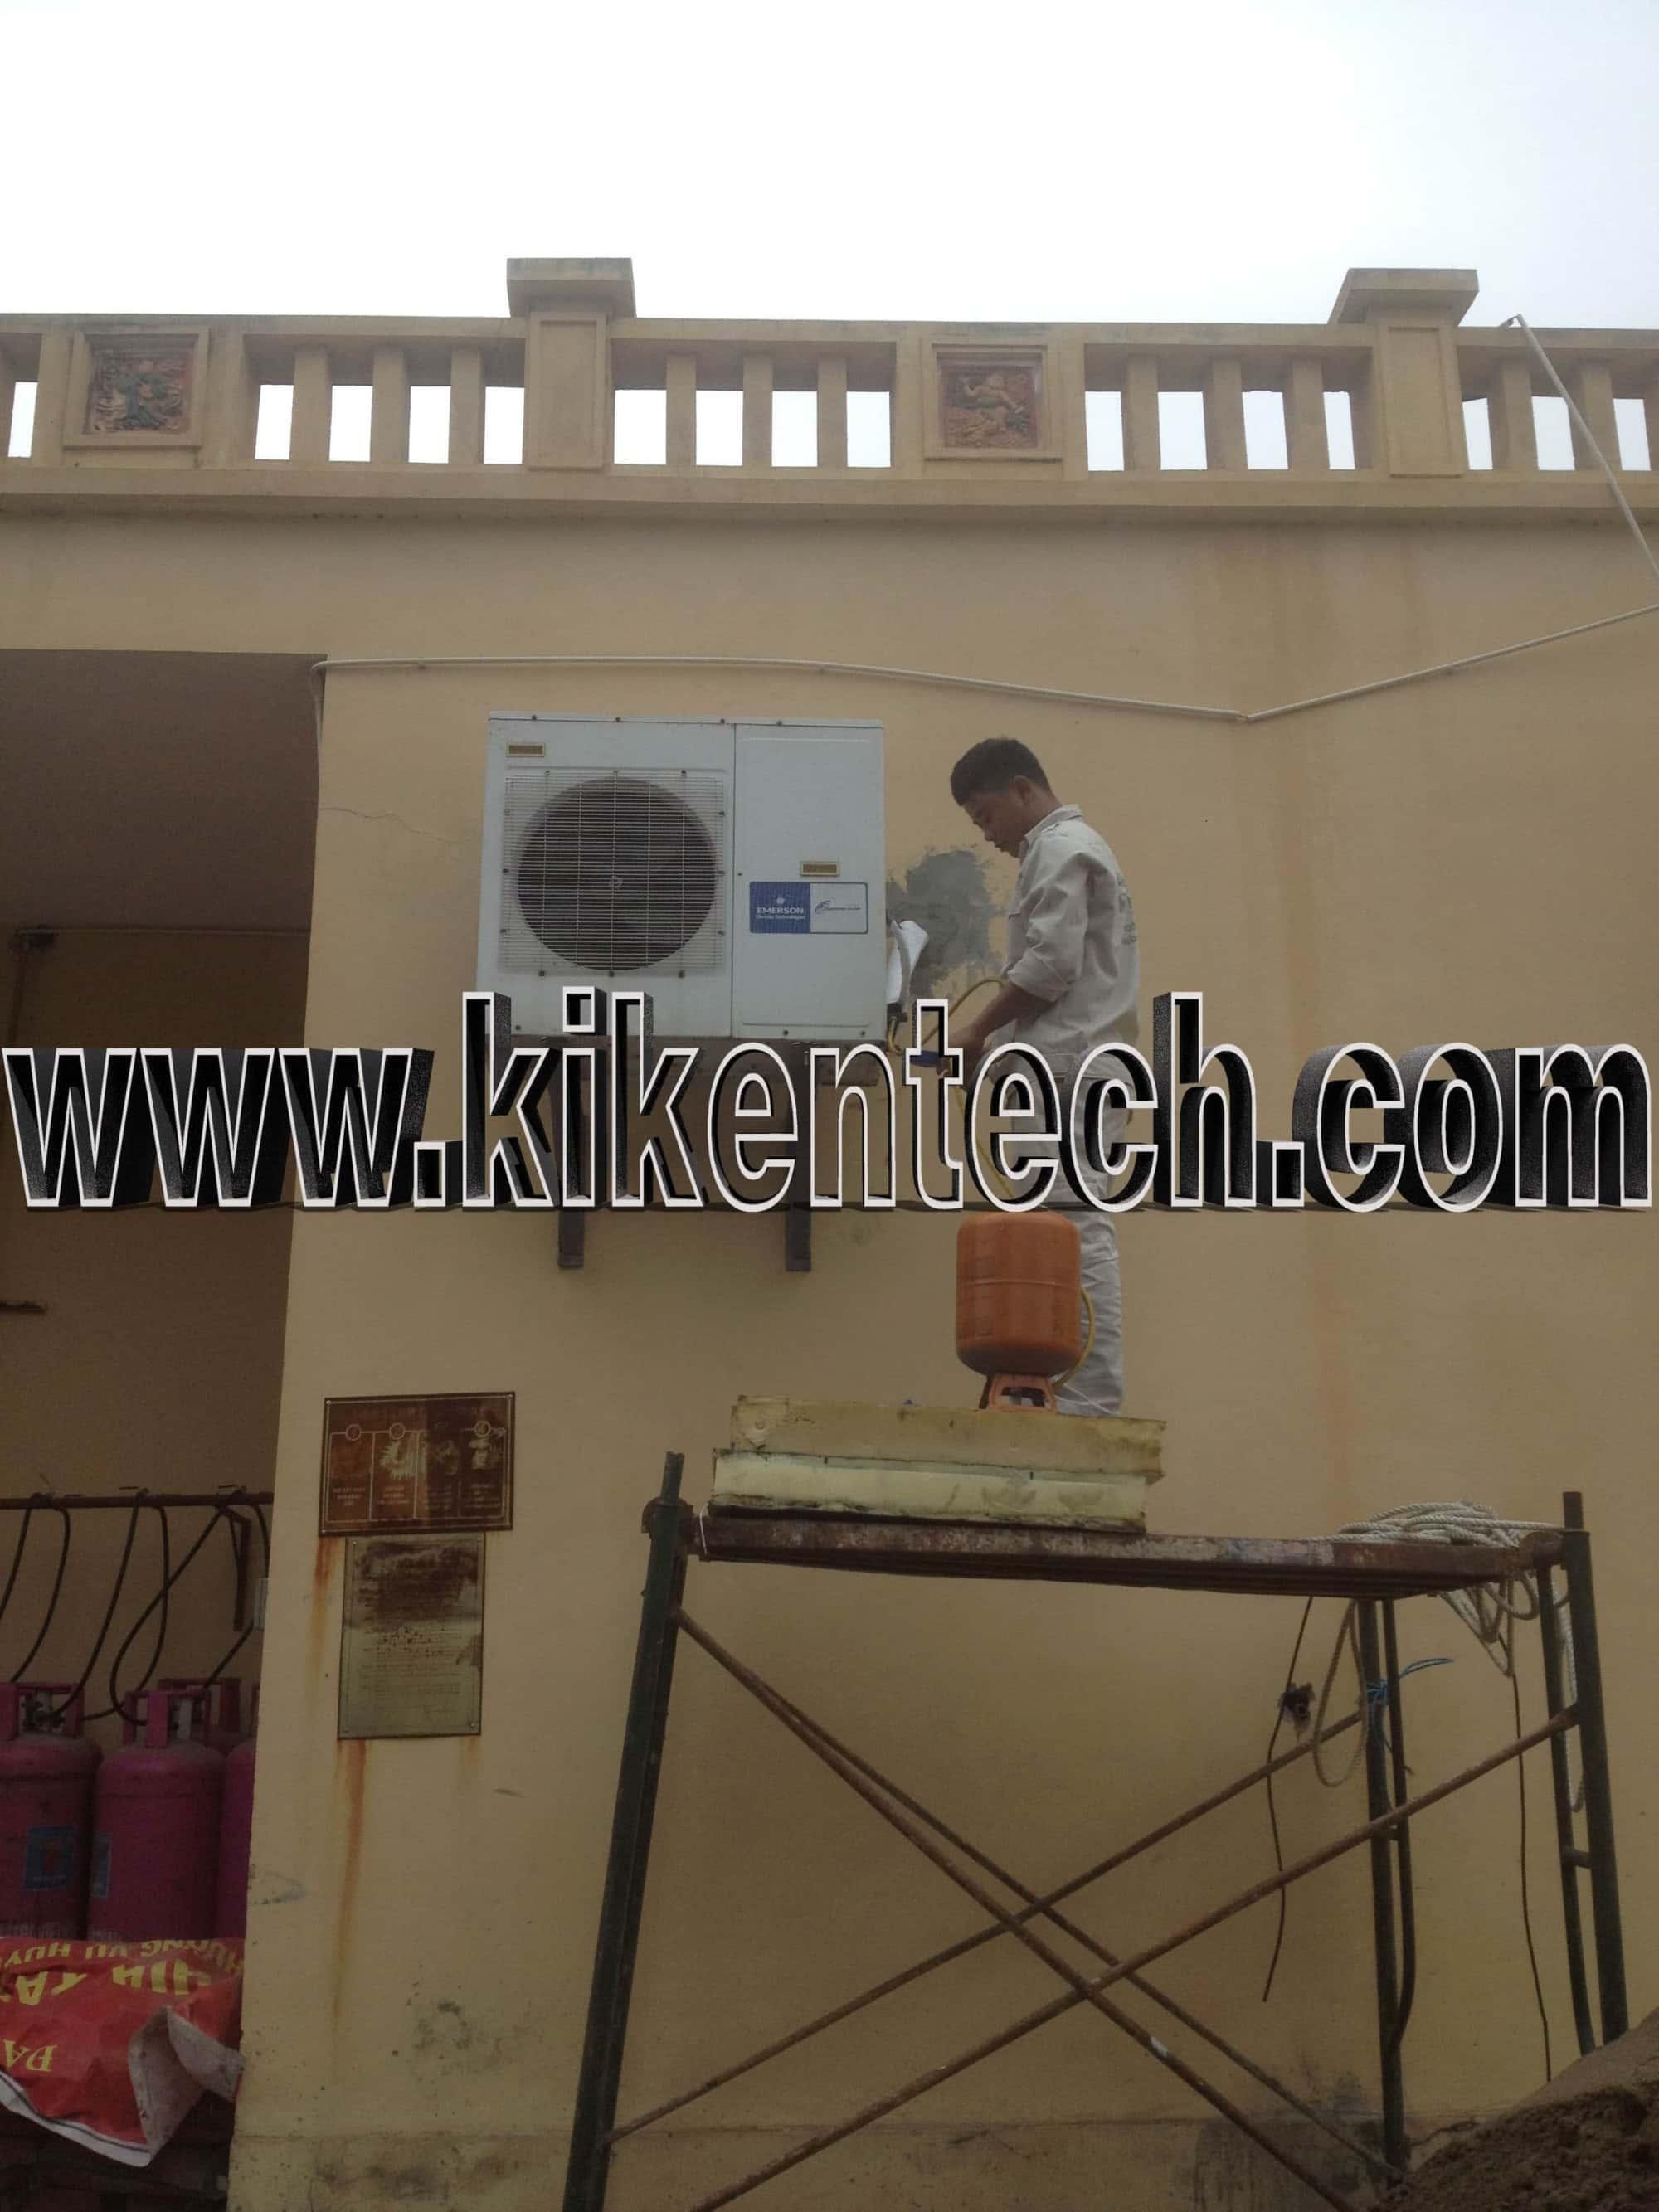 Bảo dưỡng di chuyển kho lạnh tại khu Resort Vân Long Ninh Bình. Bảo trì bảo dưỡng kho lạnh tại Ninh Bình. Bảo trì bảo dưỡng lắp đặt kho lạnh tại Ninh Bình